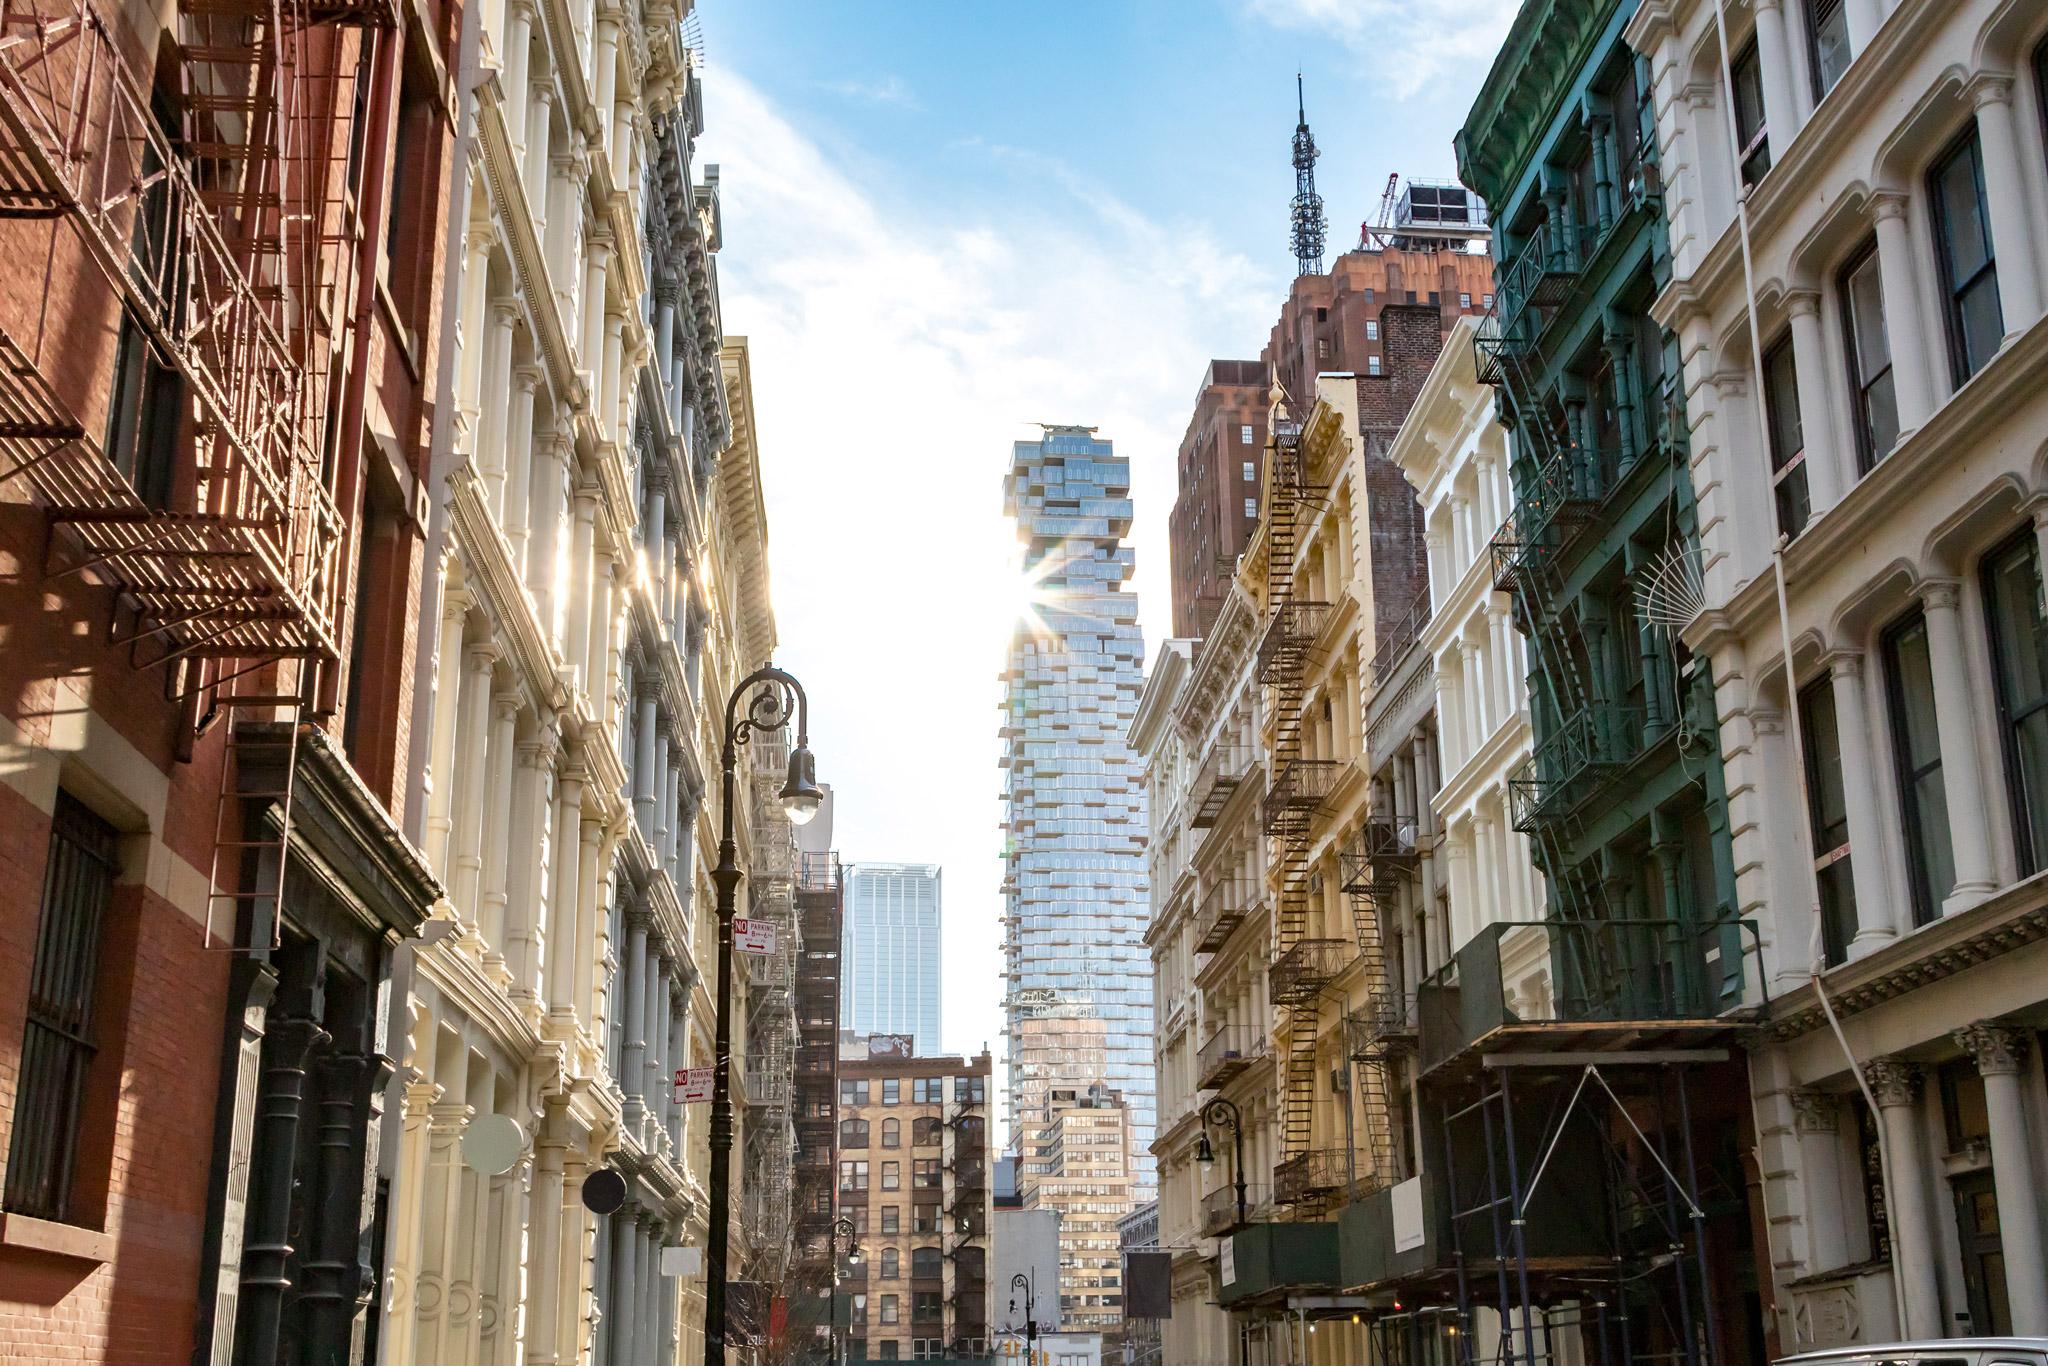 New York tunnetaan korkeista pilvenpiirtäjistään, joita on New Yorkissa on enemmän kuin missään muussa maailmankaupungissa.